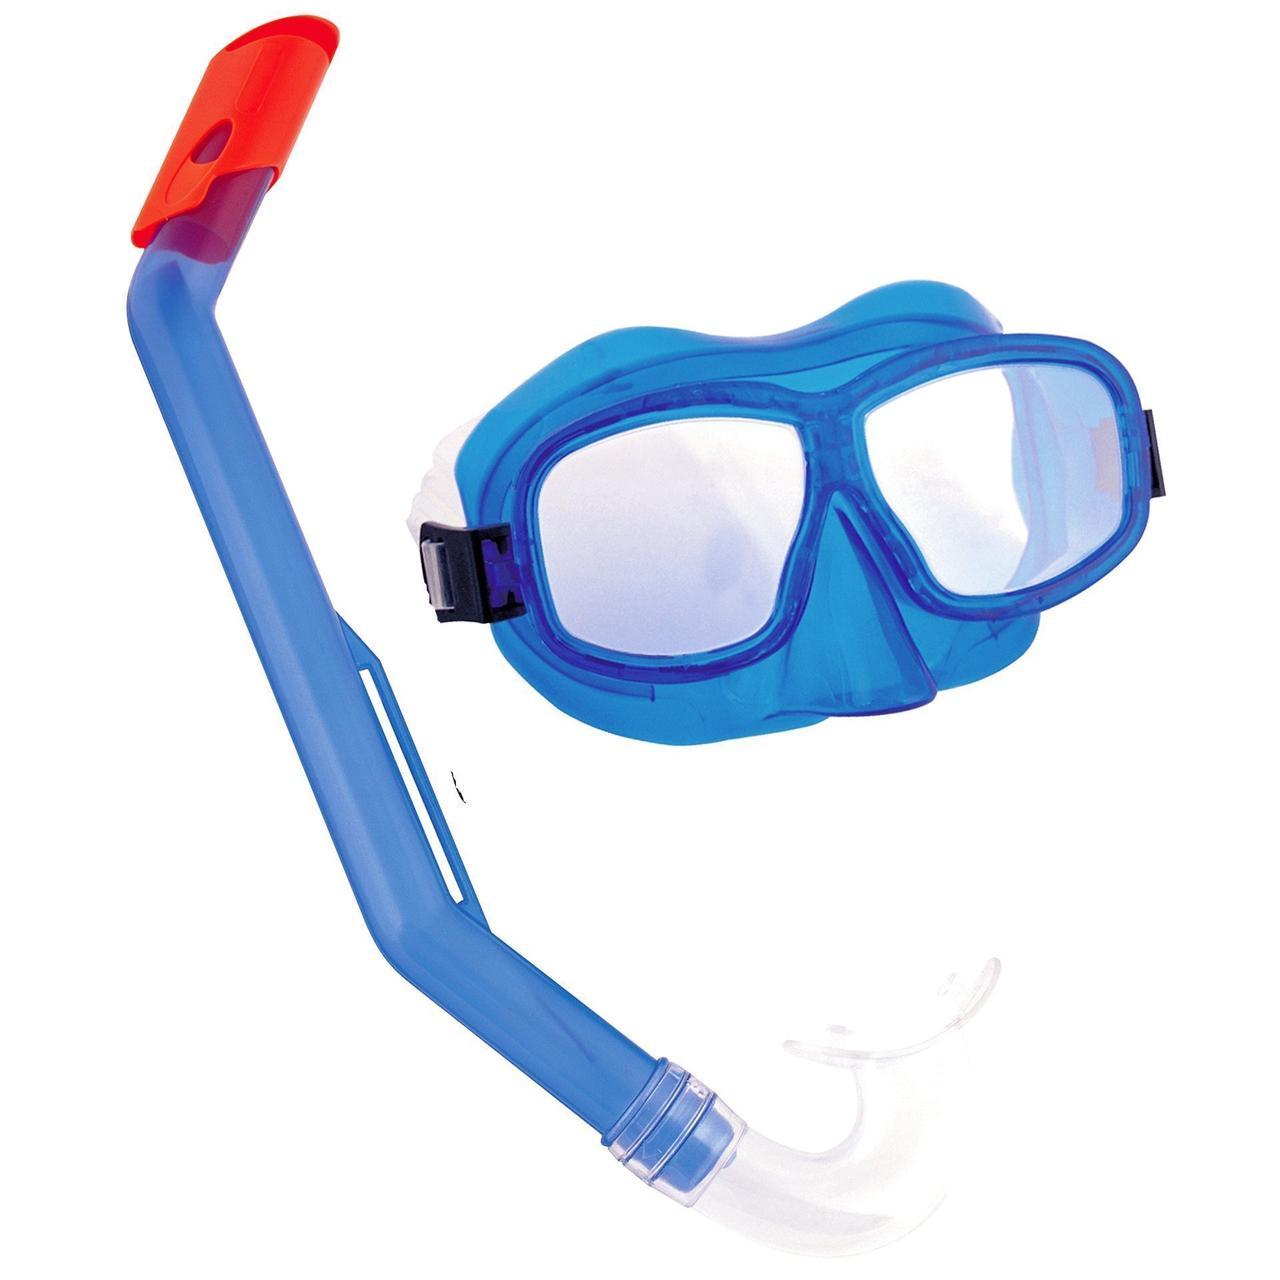 Набор для плавания Bestway 24016, маска, трубка, синий, от 8 лет